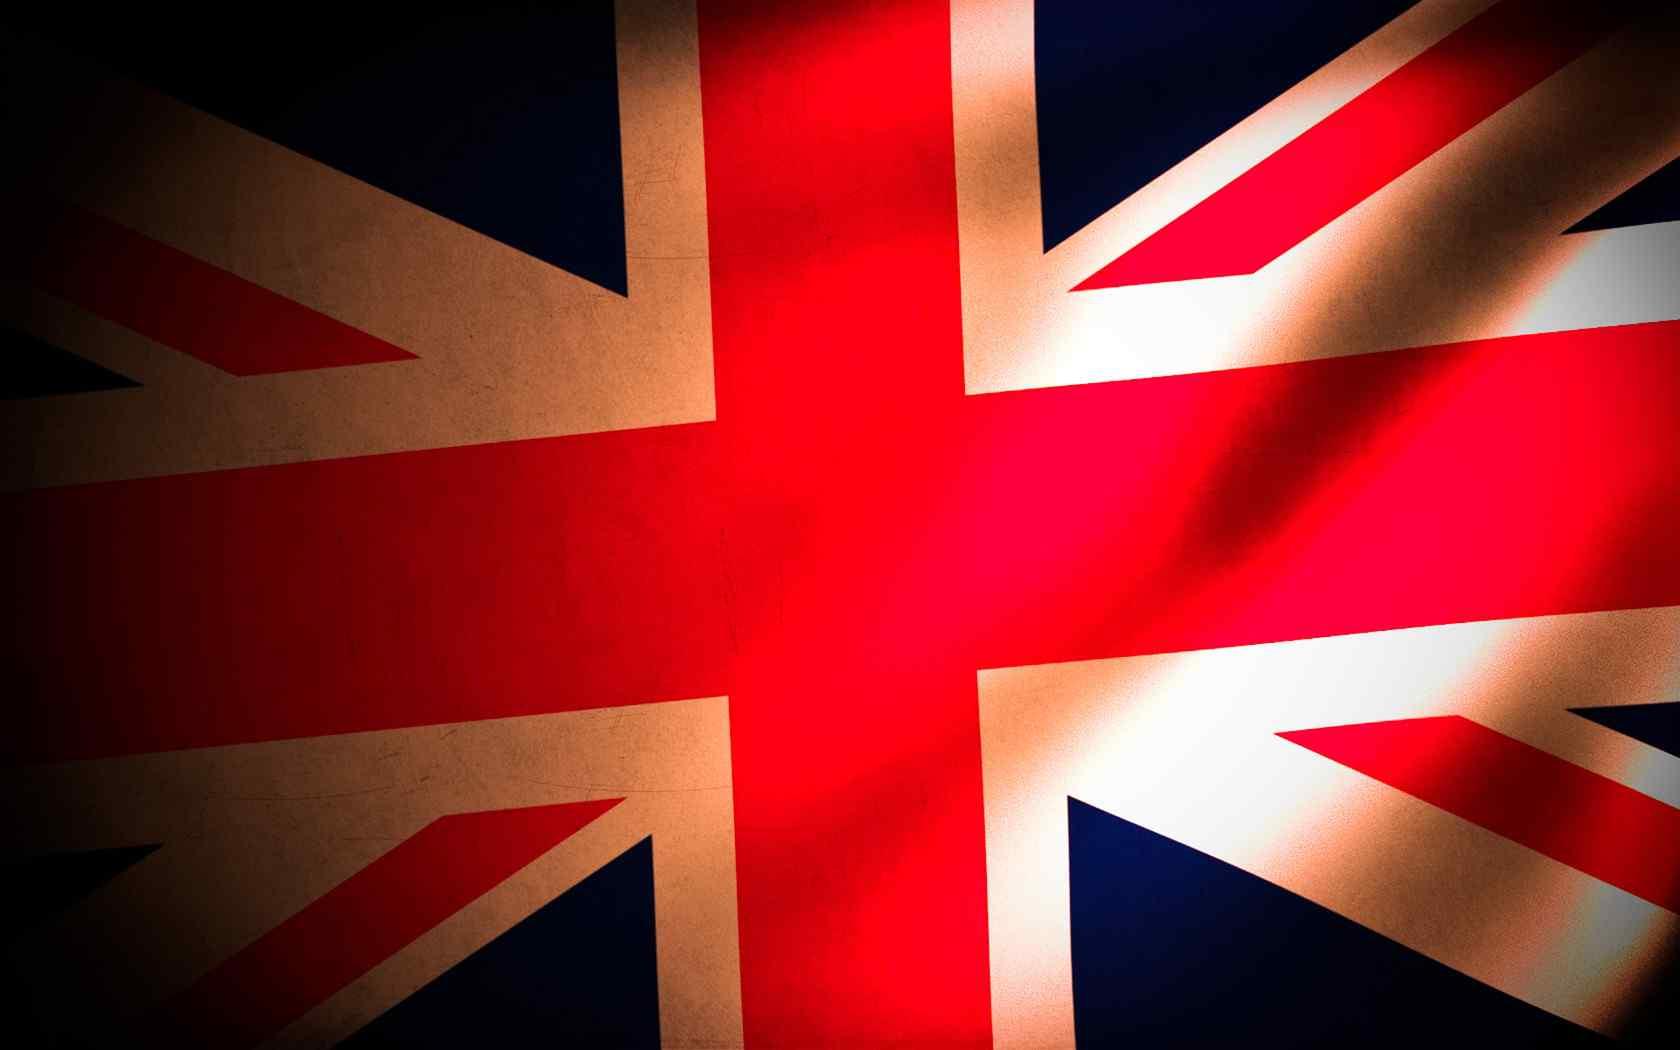 英国国旗创意设计电脑壁纸